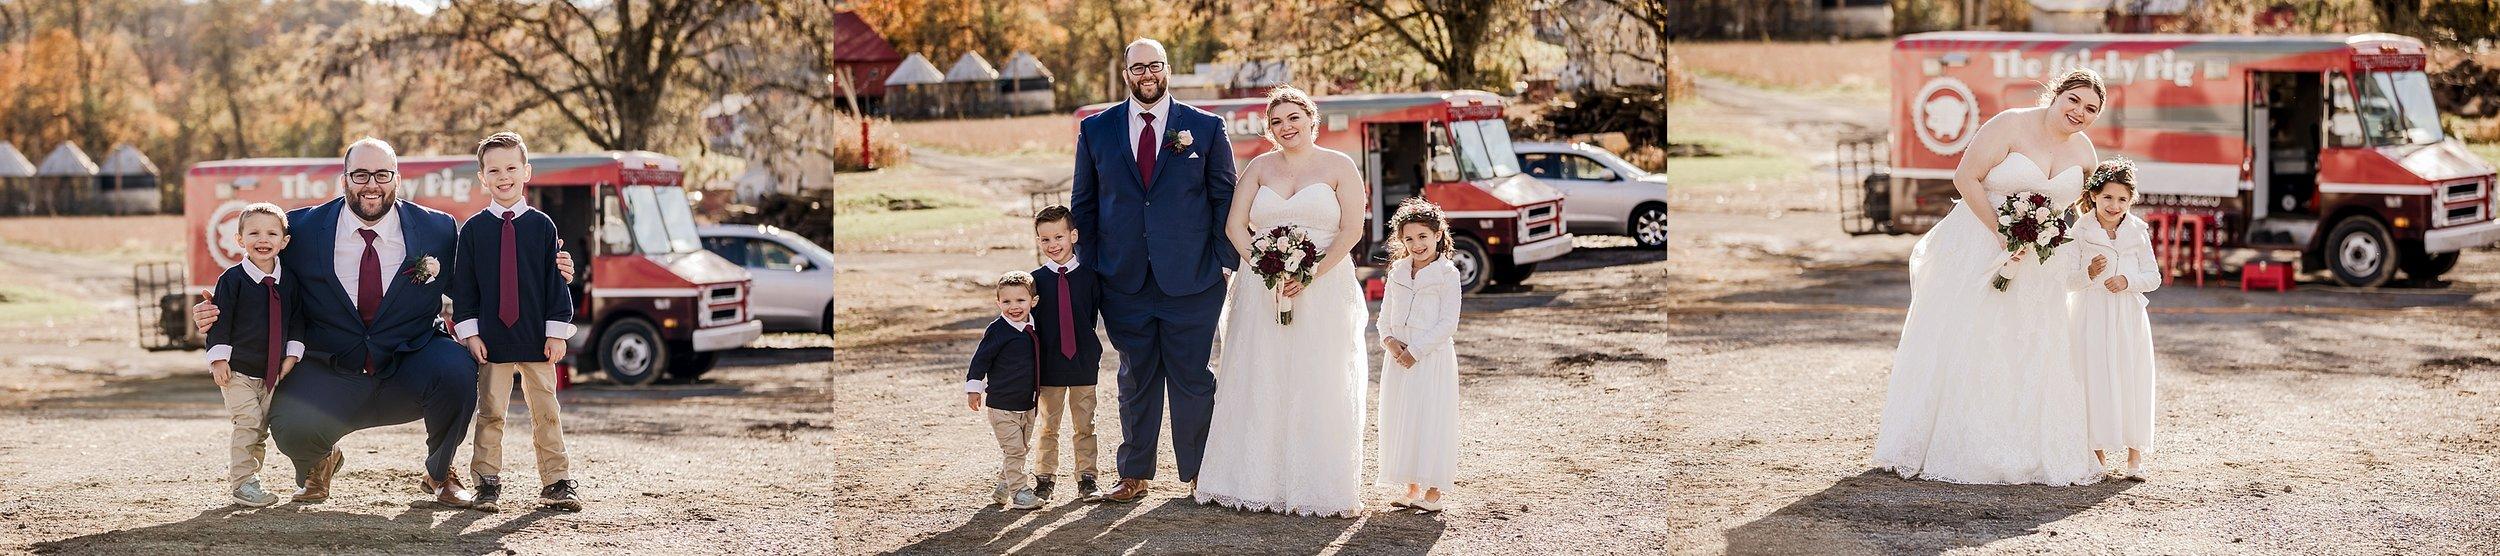 Savidge-Farms-Wedding-Photographer_0058.jpg